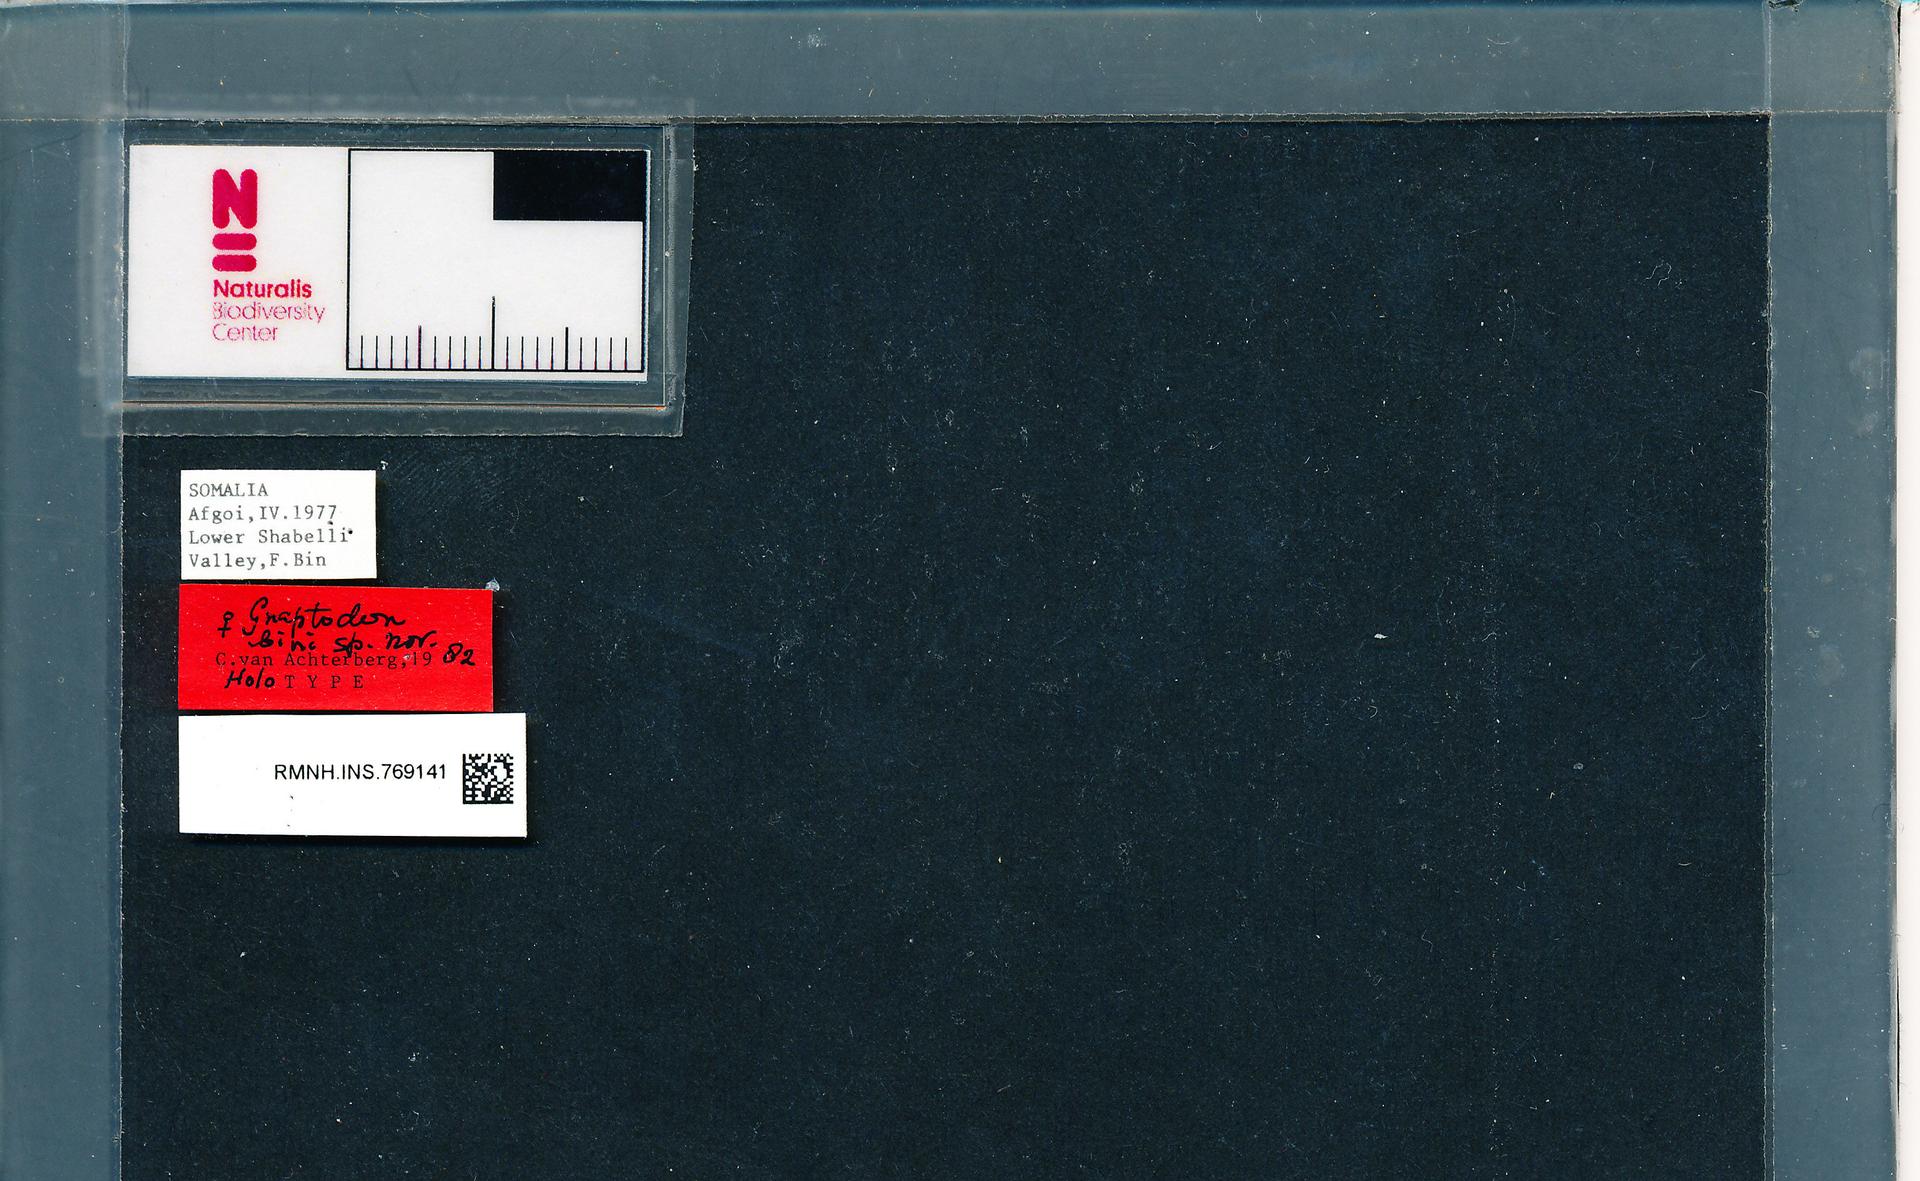 RMNH.INS.769141 | Gnaptodon bini C. van Achterberg, 1982